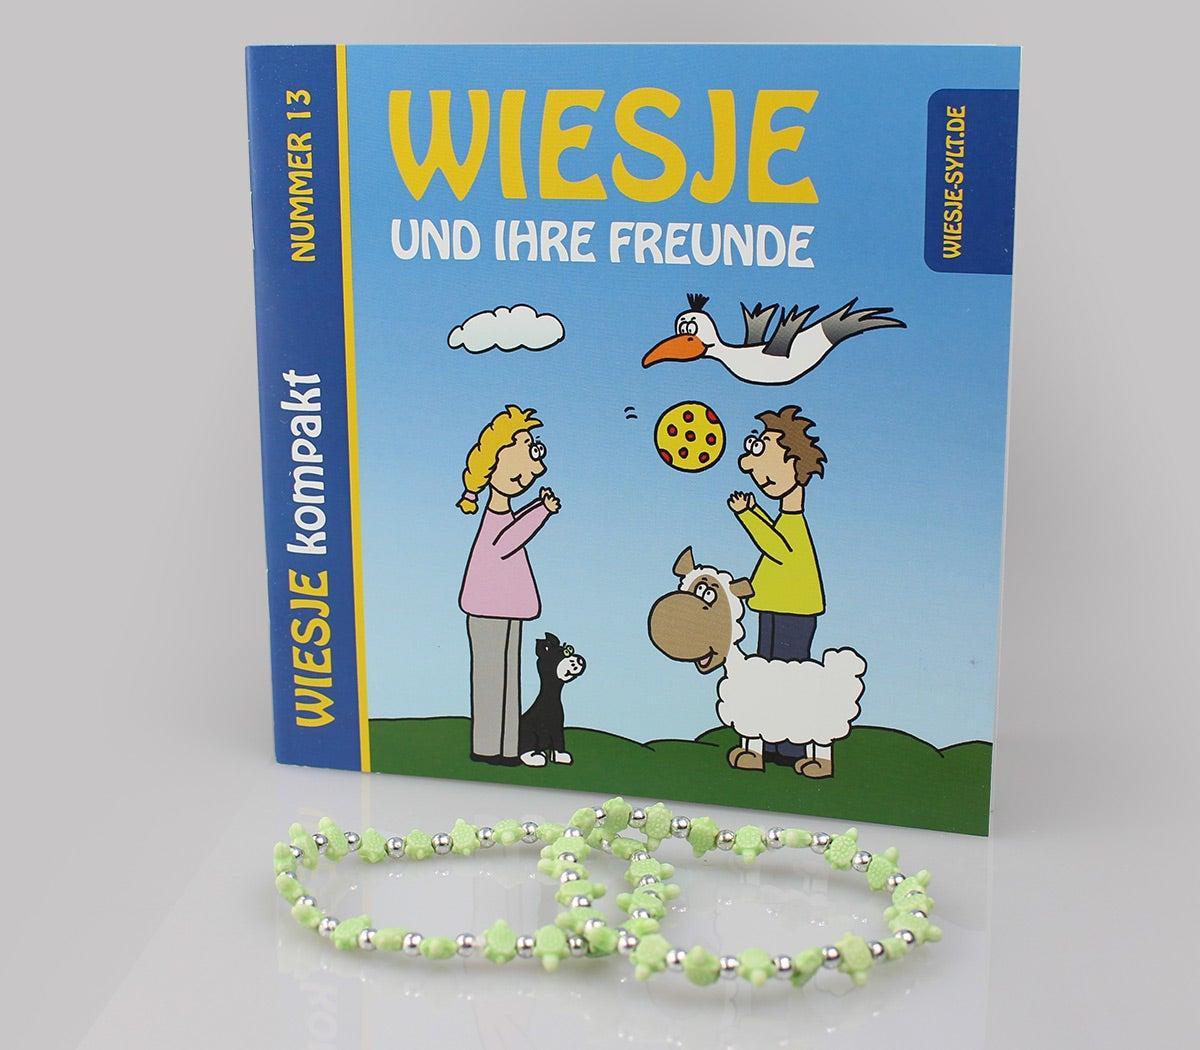 Wiesje und ihre Freunde - Kompaktbuch + 2 Freundschaftsbändchen